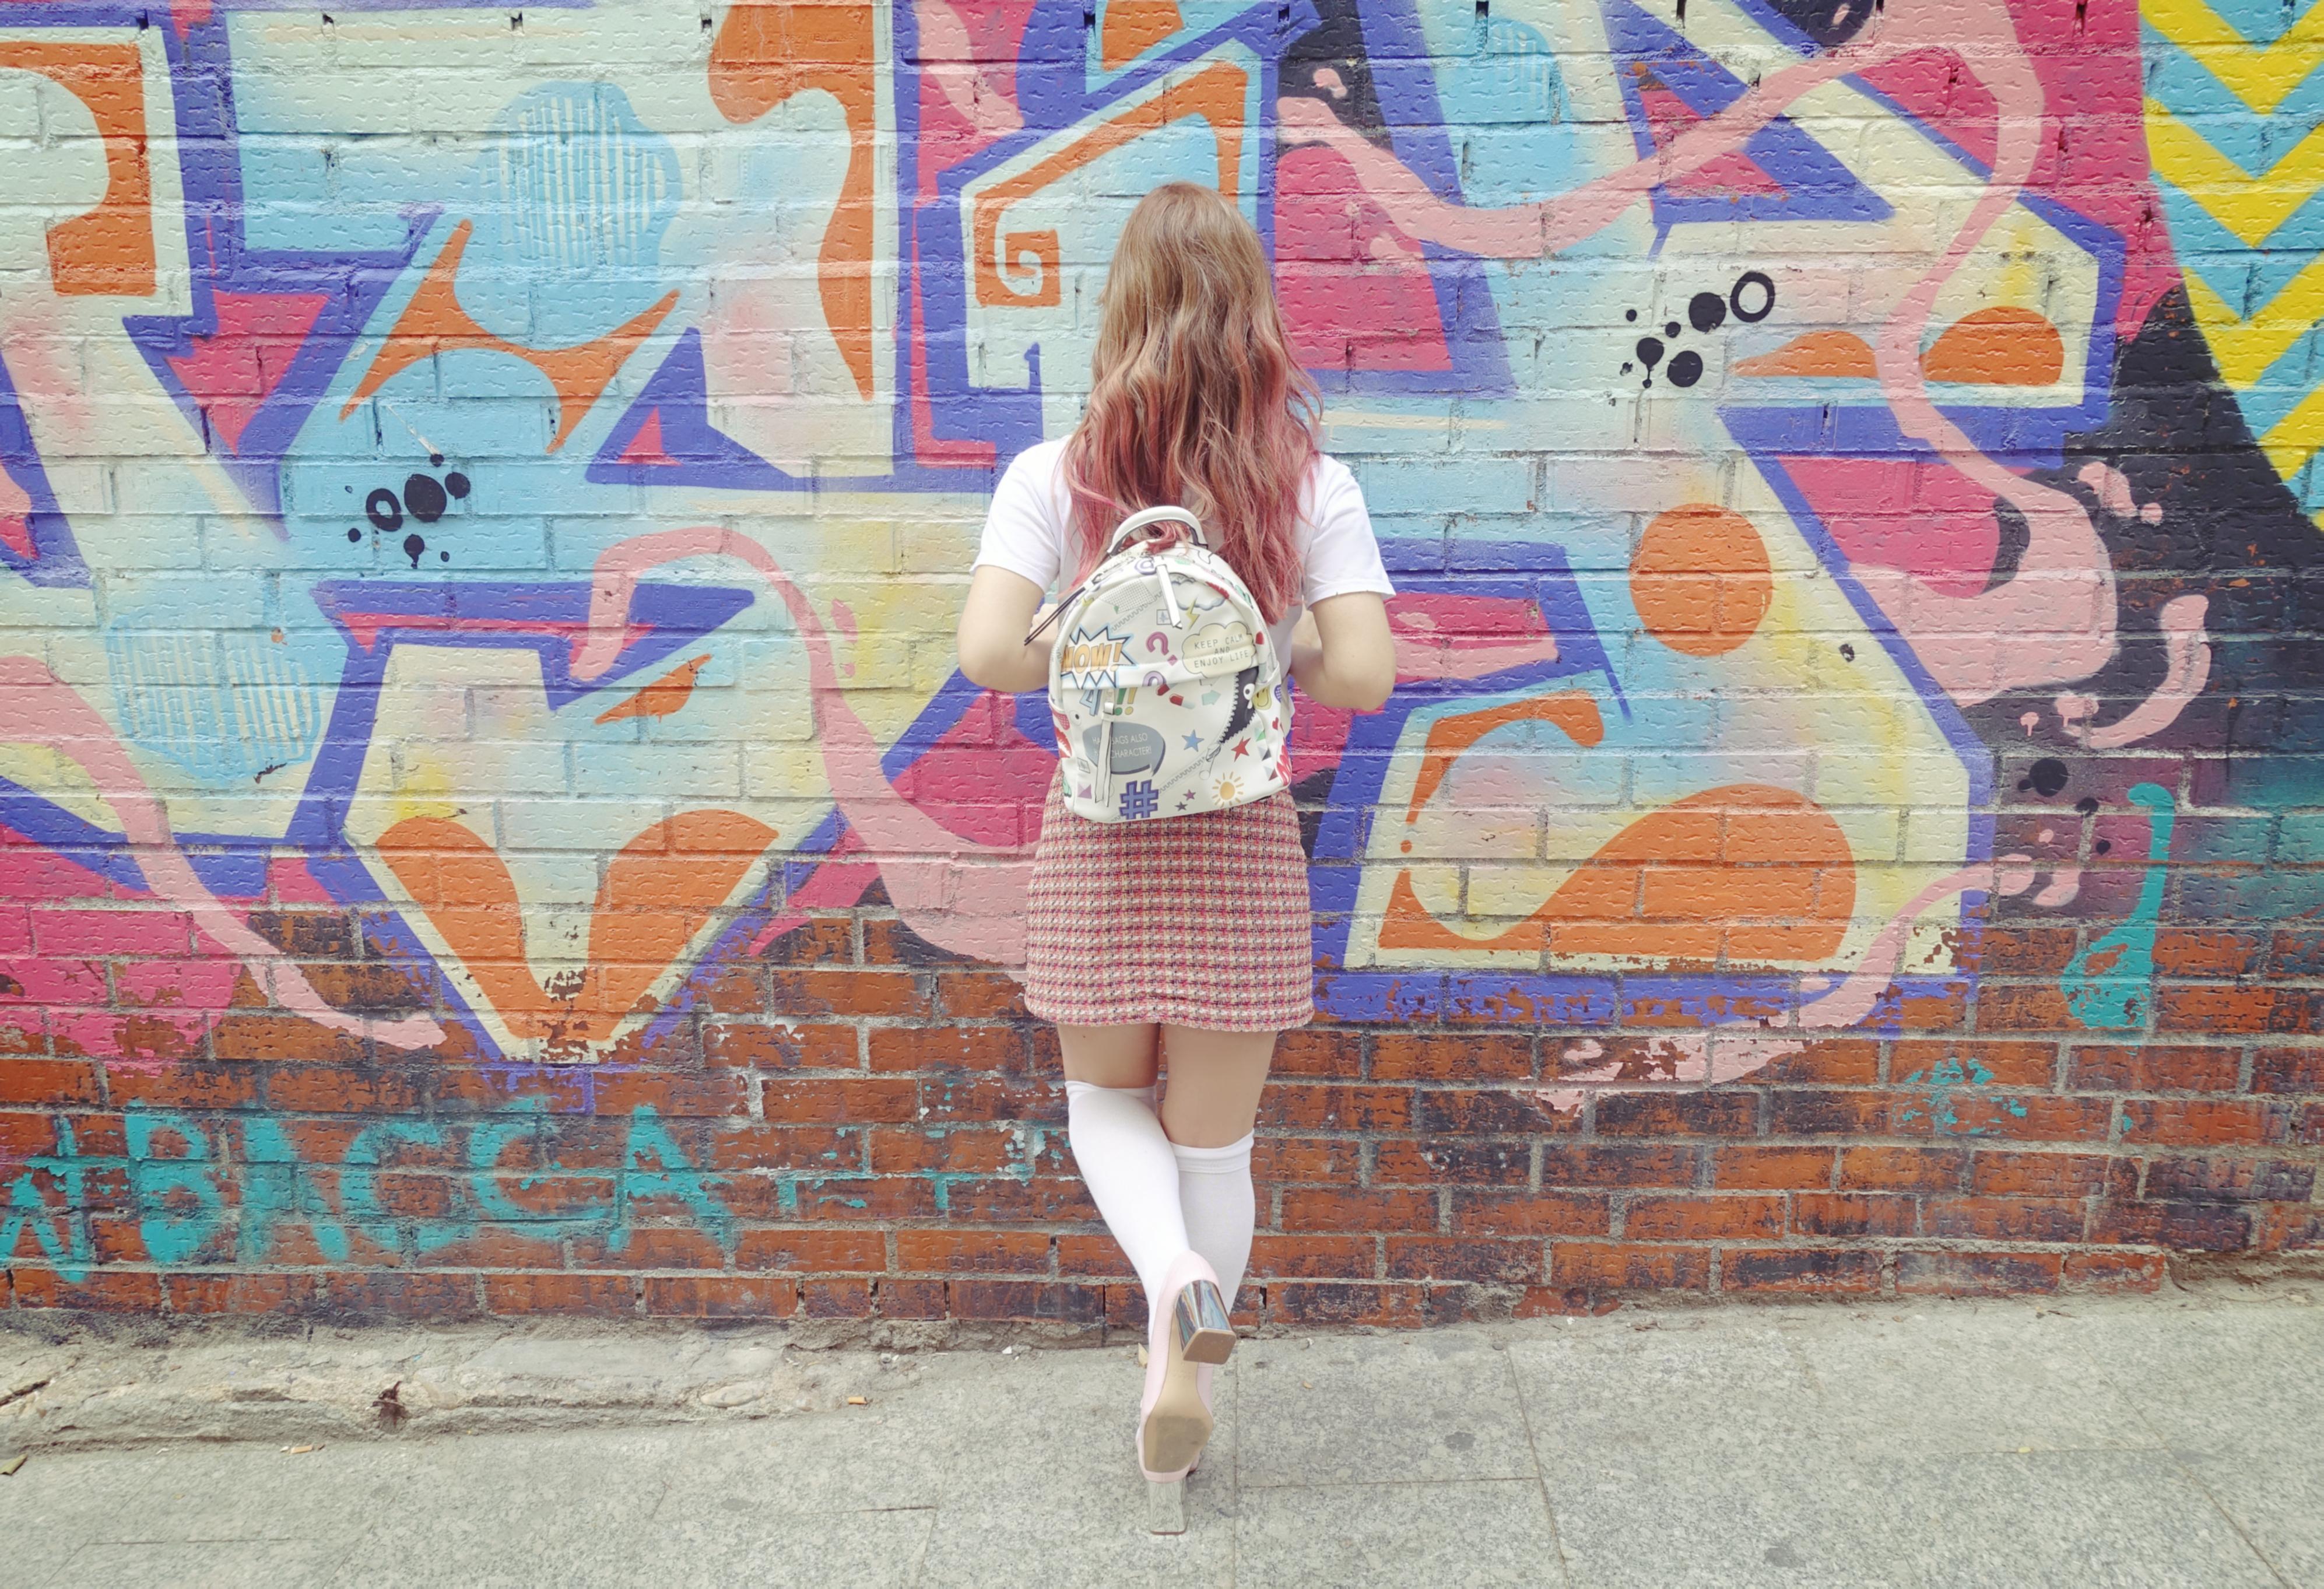 Mochilas-divertidas-blog-de-moda-falda-pata-de-gallo-ChicAdicta-PiensaenChic-influencer-Chic-Adicta-pink-hair-Piensa-en-Chic